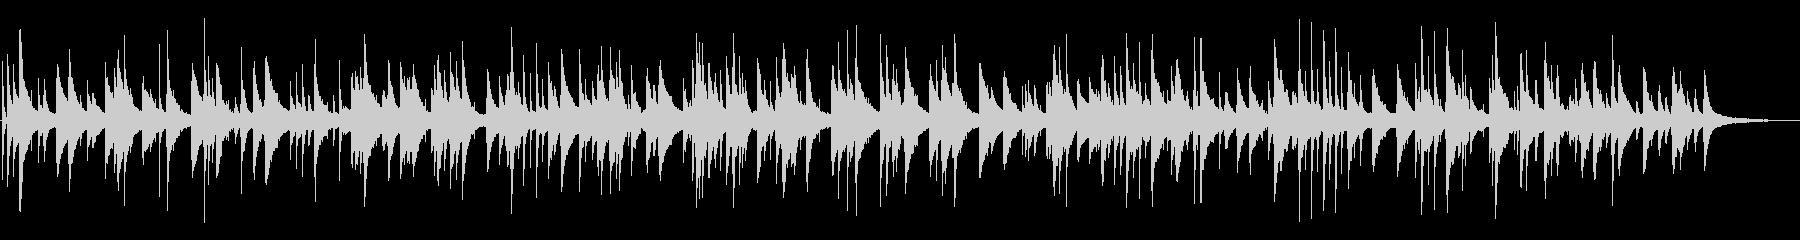 切ないジャズおしゃれピアノYouTubeの未再生の波形